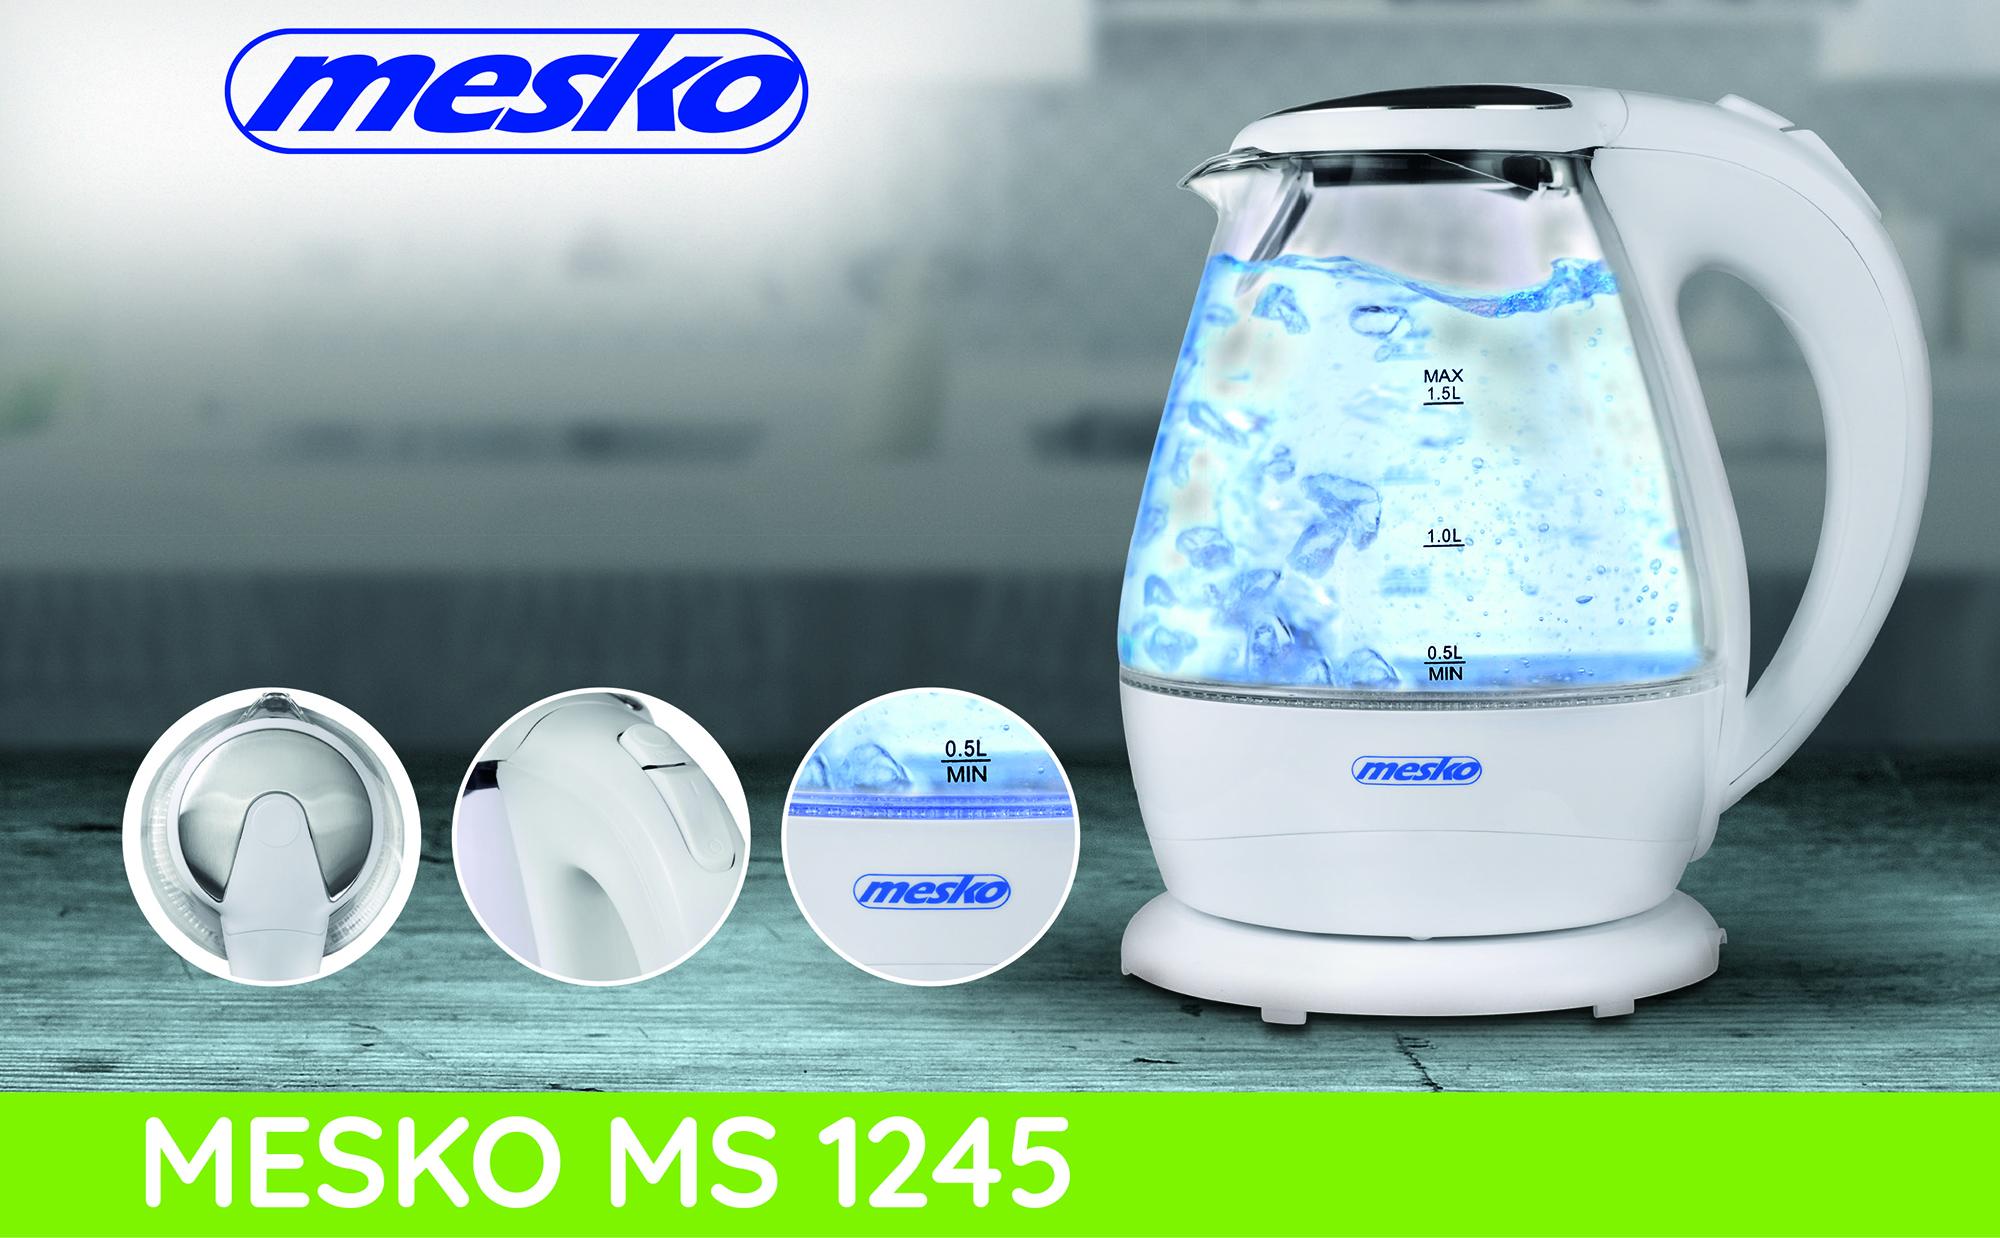 MESKO MS-1245 Hervidor de agua eléctrico cristal 1,5 litros, Resistencia oculta, 2200 W con apagado automático, inalámbrico 360º sin cable